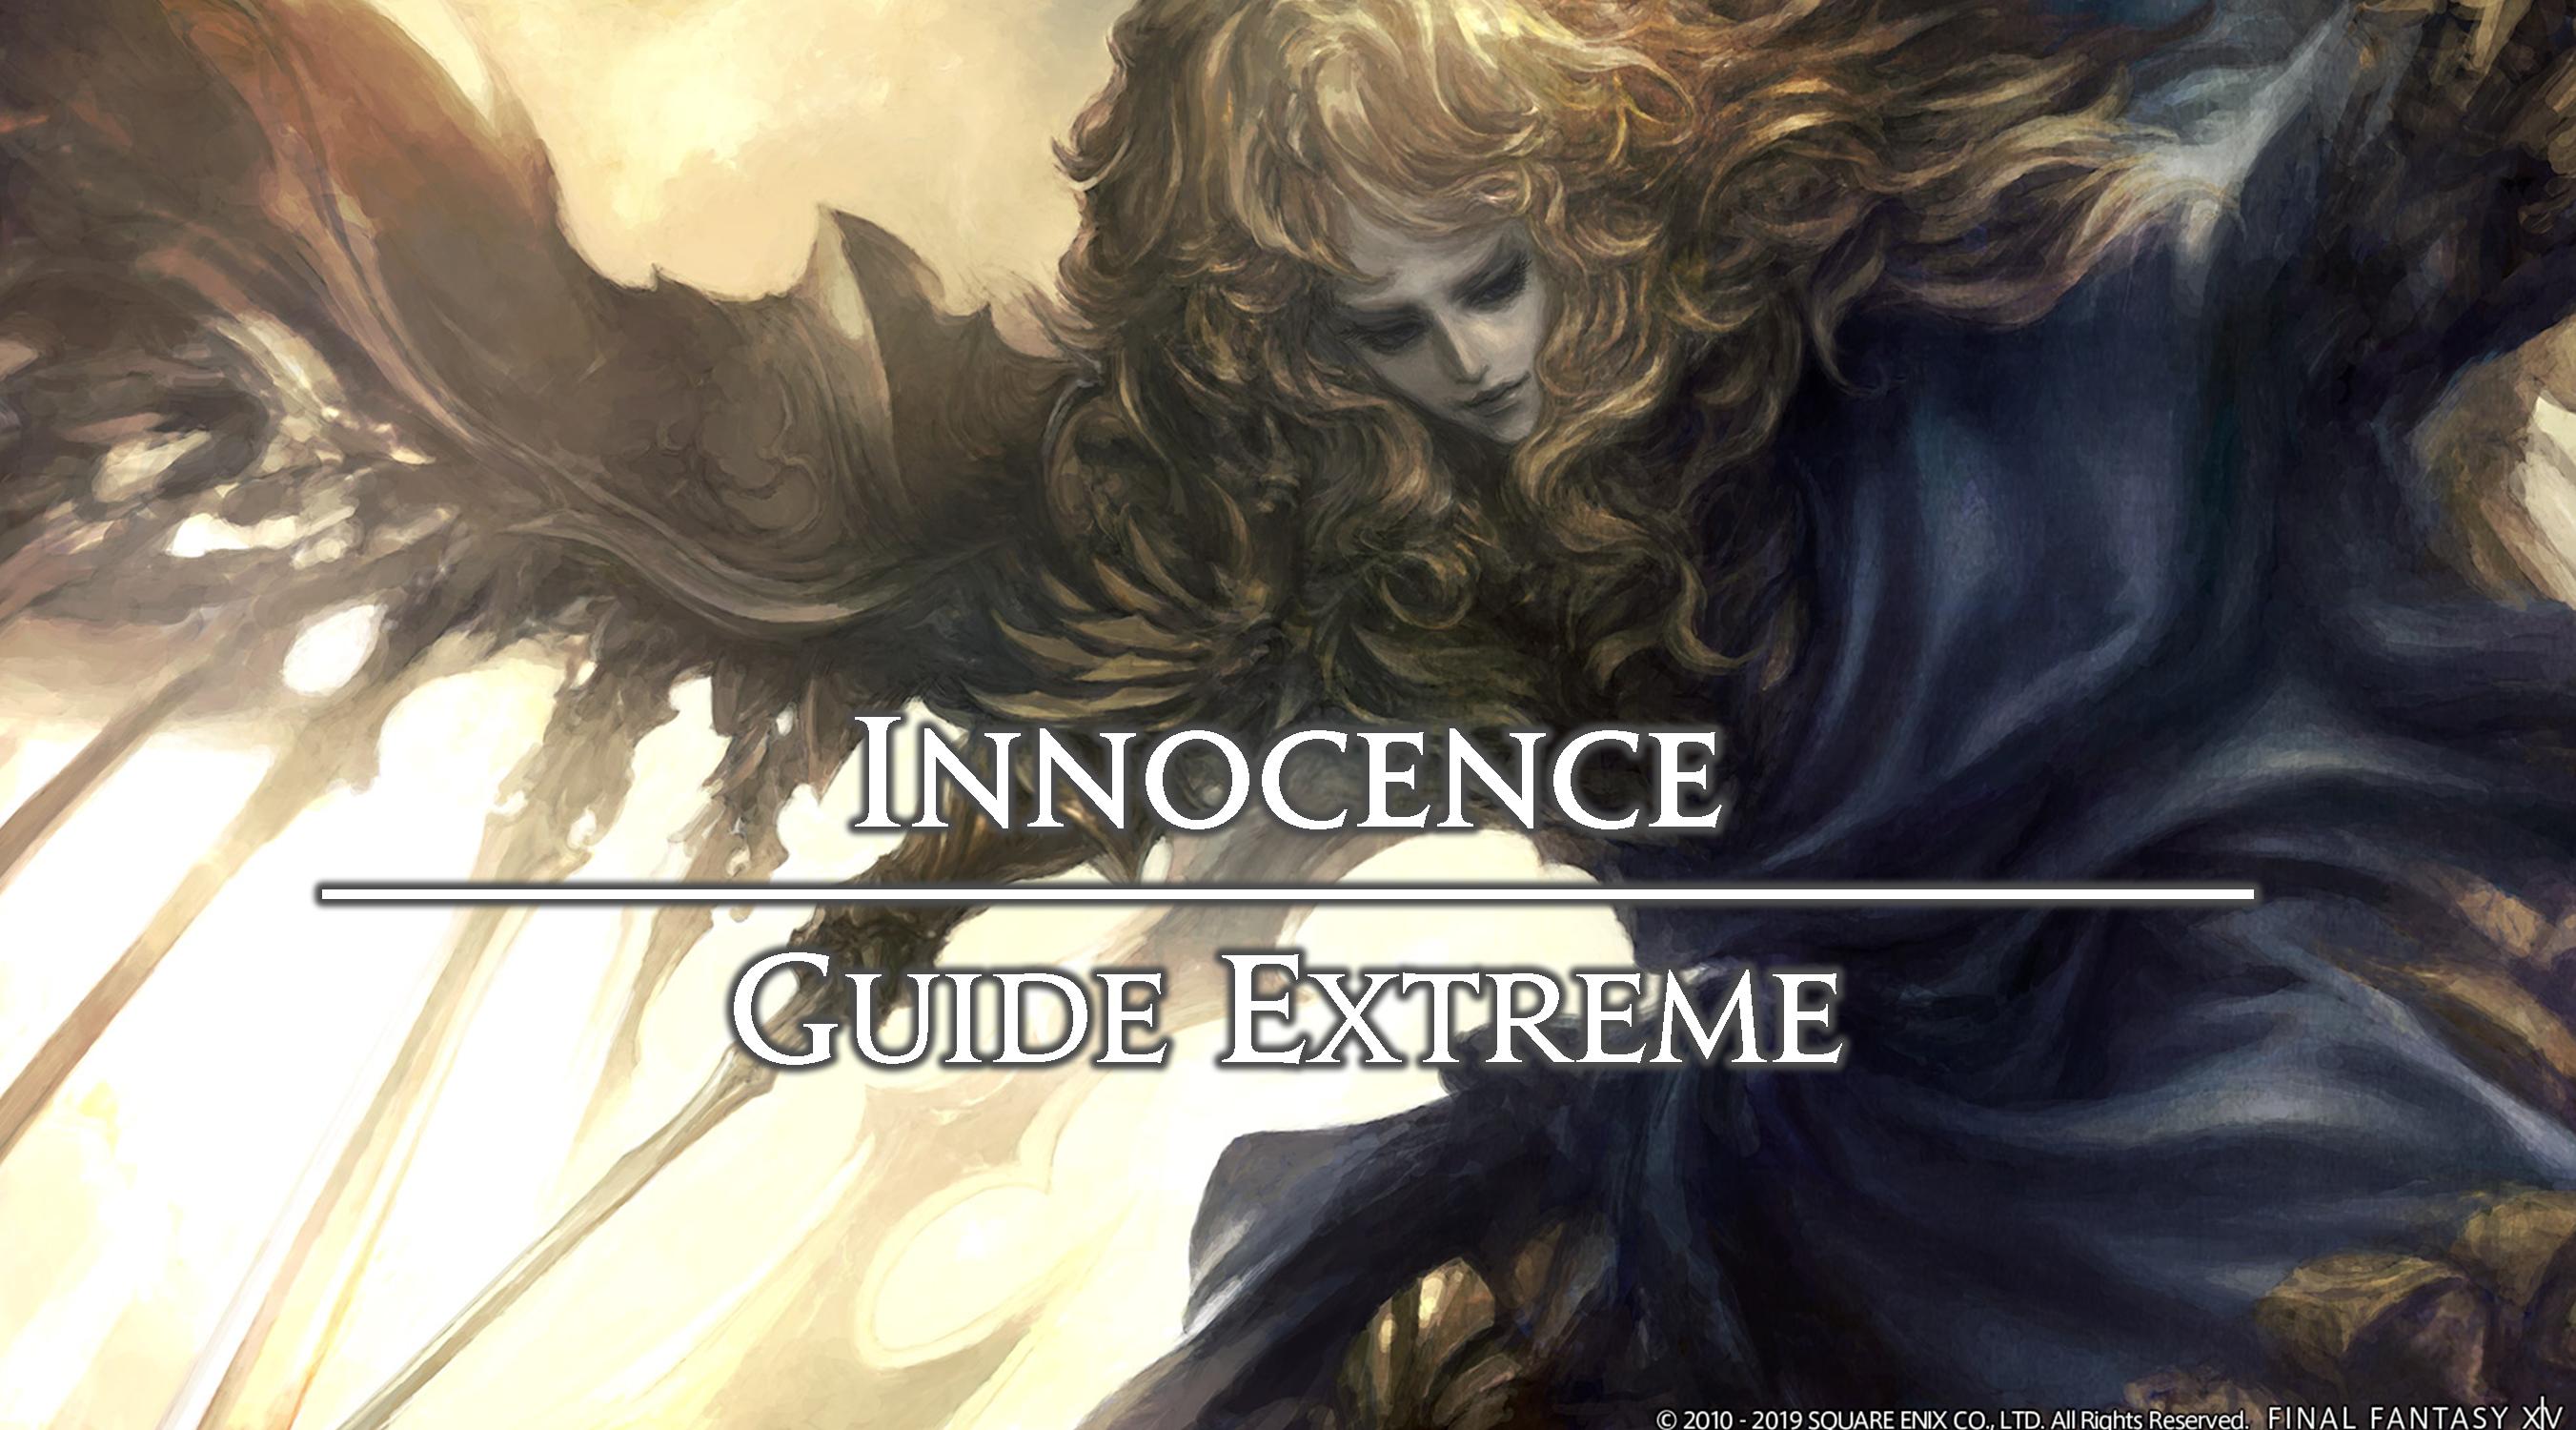 Illustration - Innocence